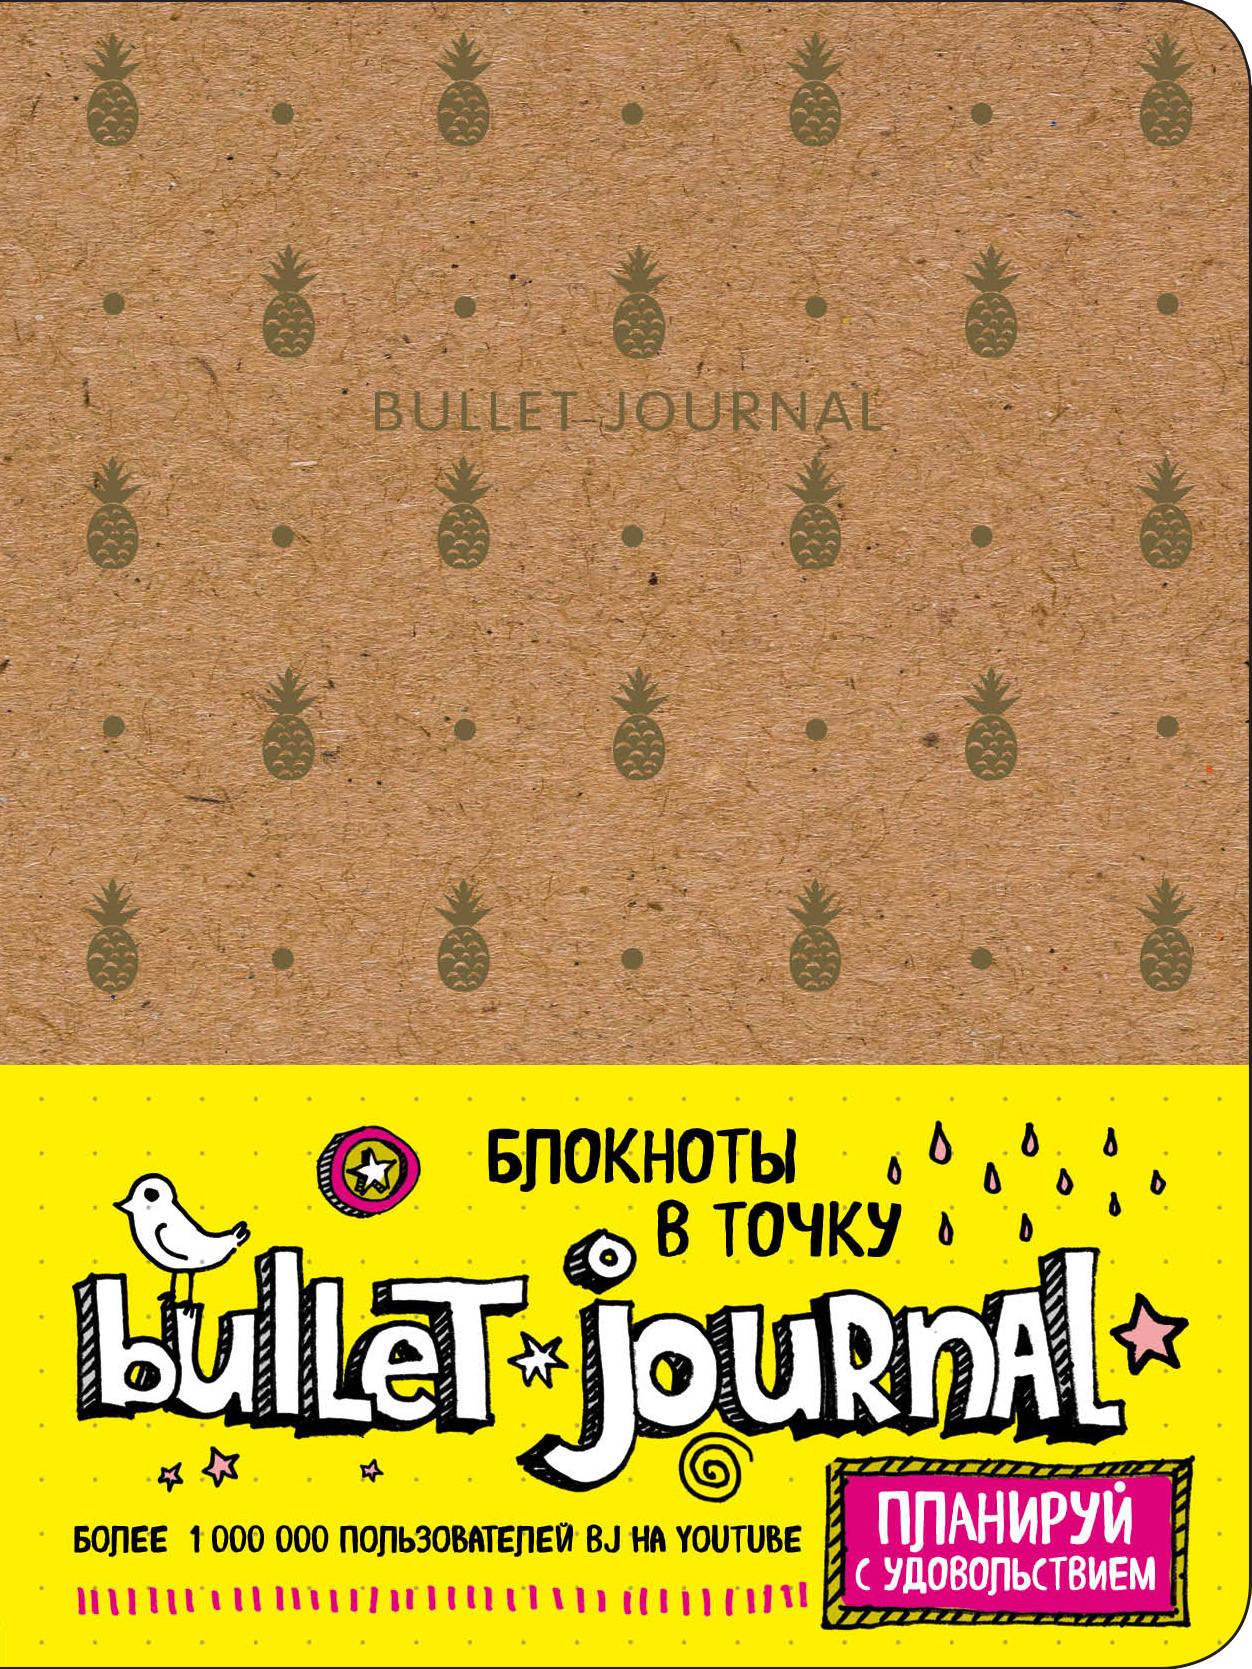 Блокнот в точку Bullet Journal: Ананасы